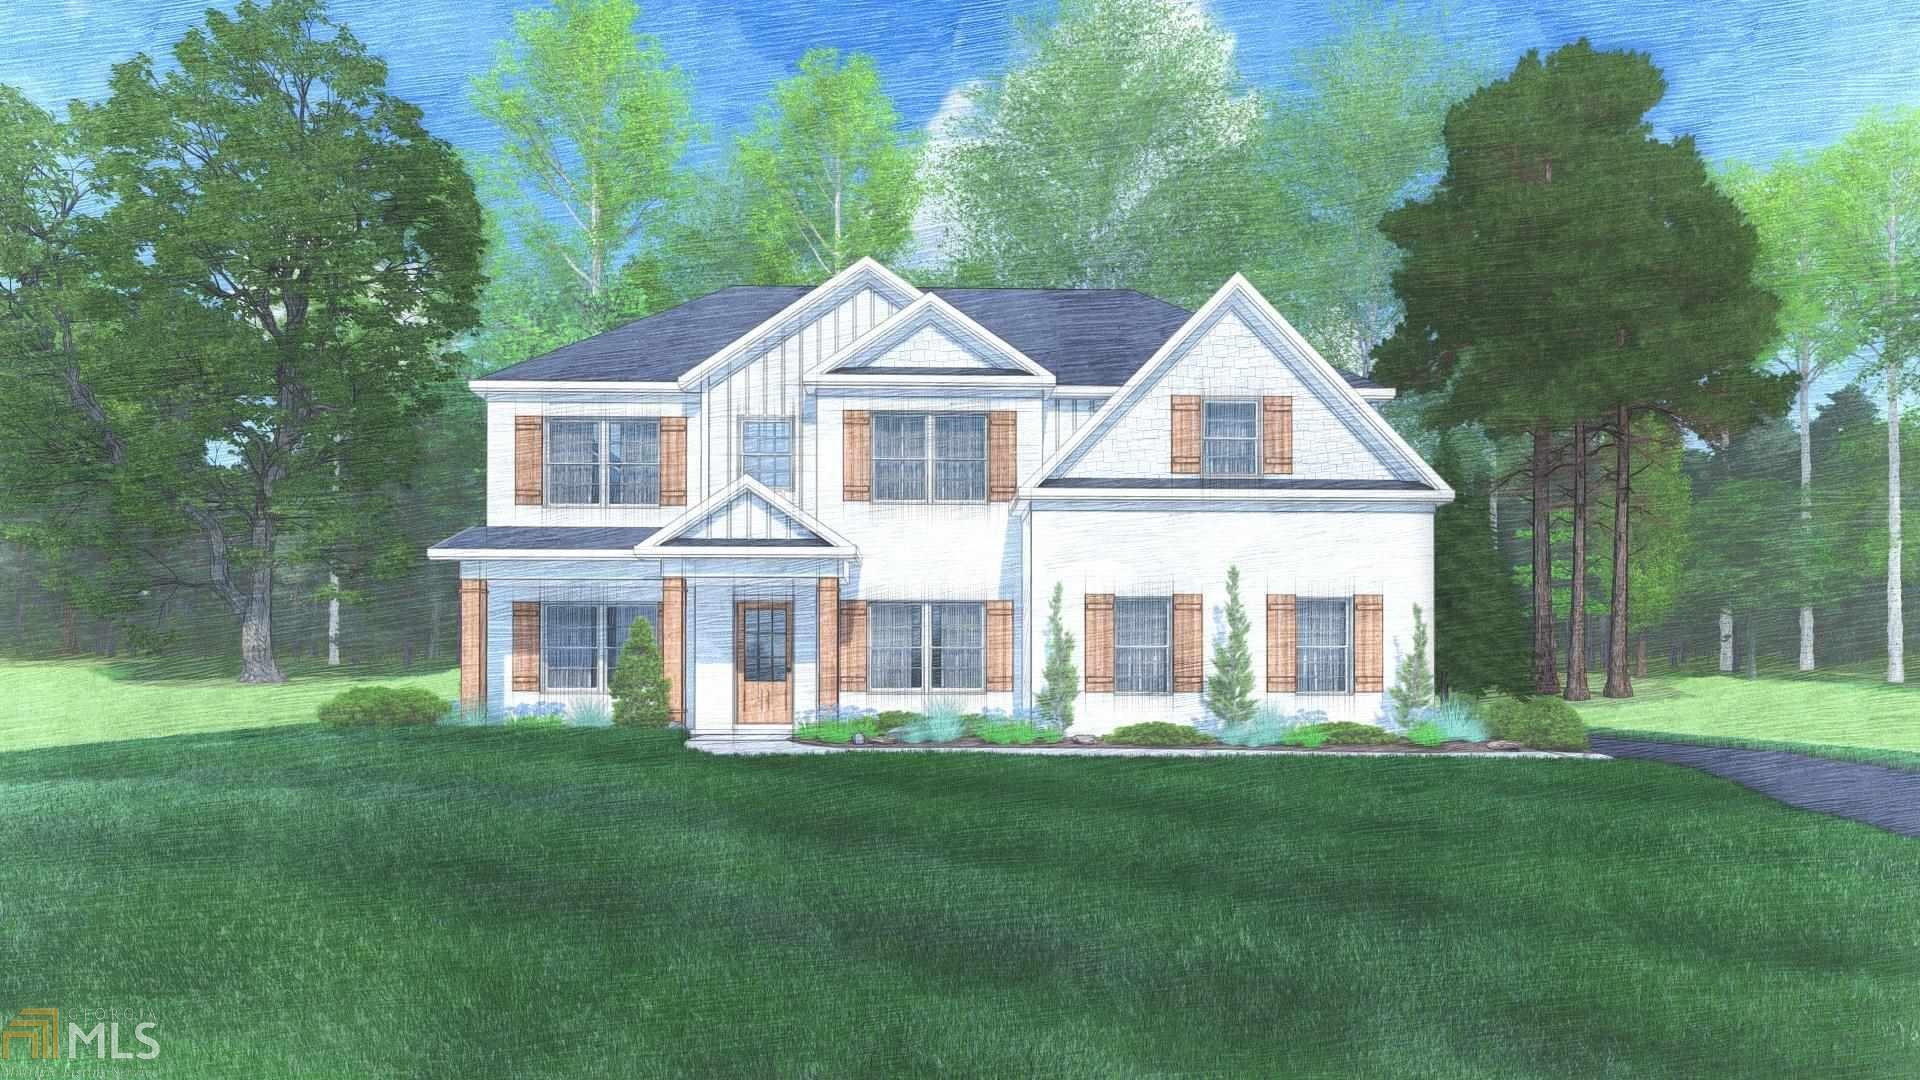 21 Northgate Estates Dr, Palmetto, GA 30268 - #: 8945846